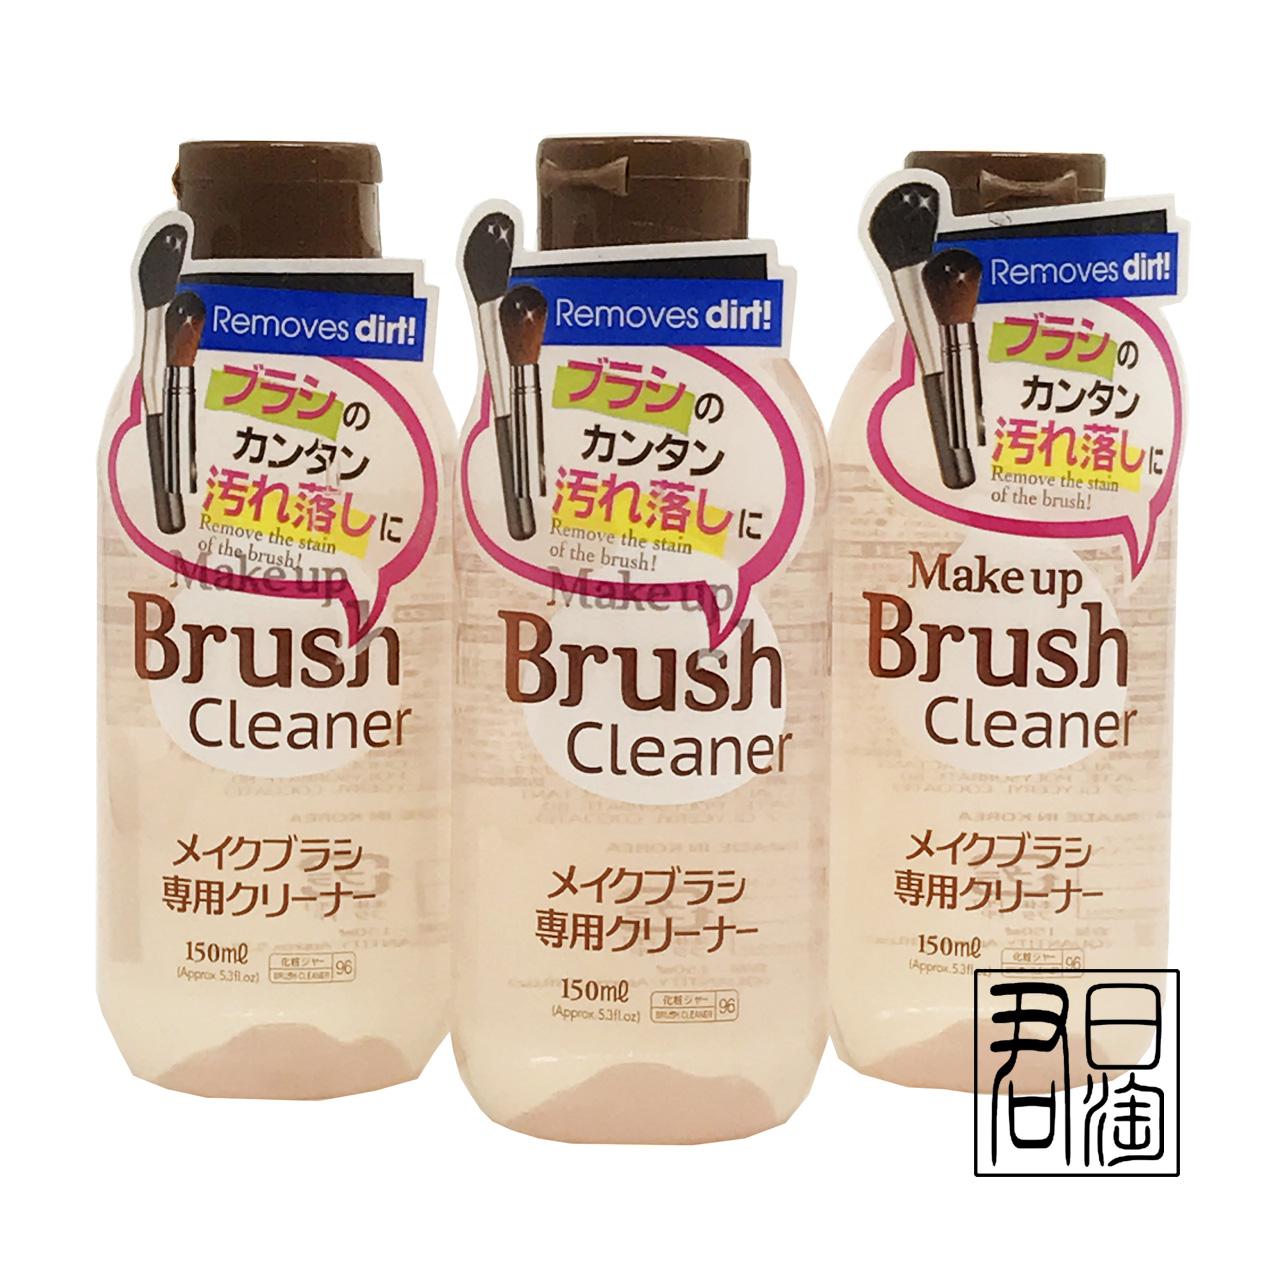 . DAISO/ Innovation her Jun pinsel waschmittel spülmittel puderquaste pinsel gemalt flüssigkeit aus.